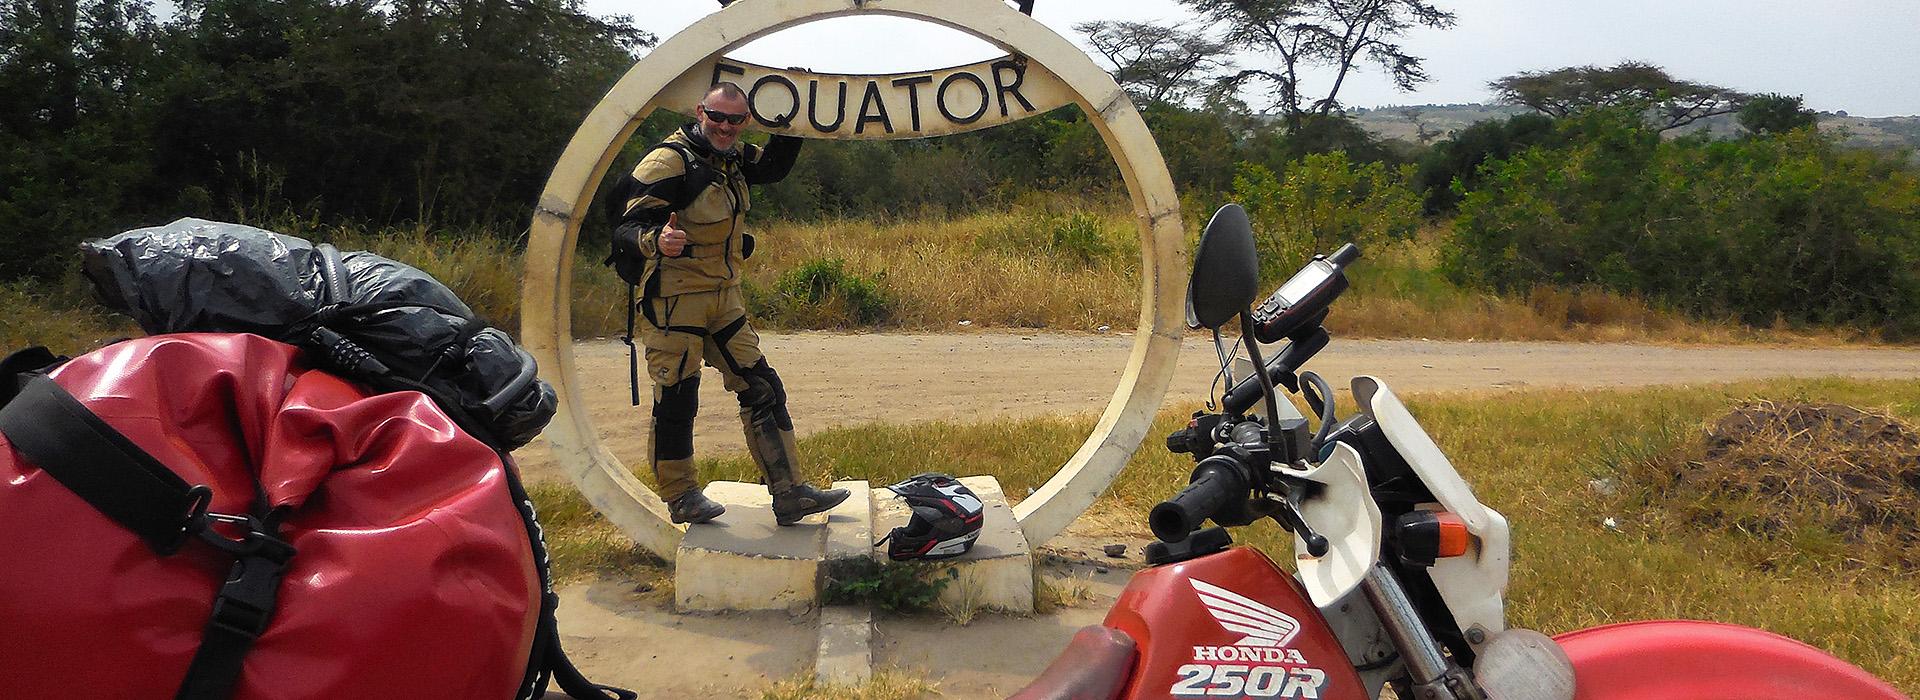 rwanda is 1 van de nieuwe motorreis bestemmingen van Travel 2 Explore Motorreizen